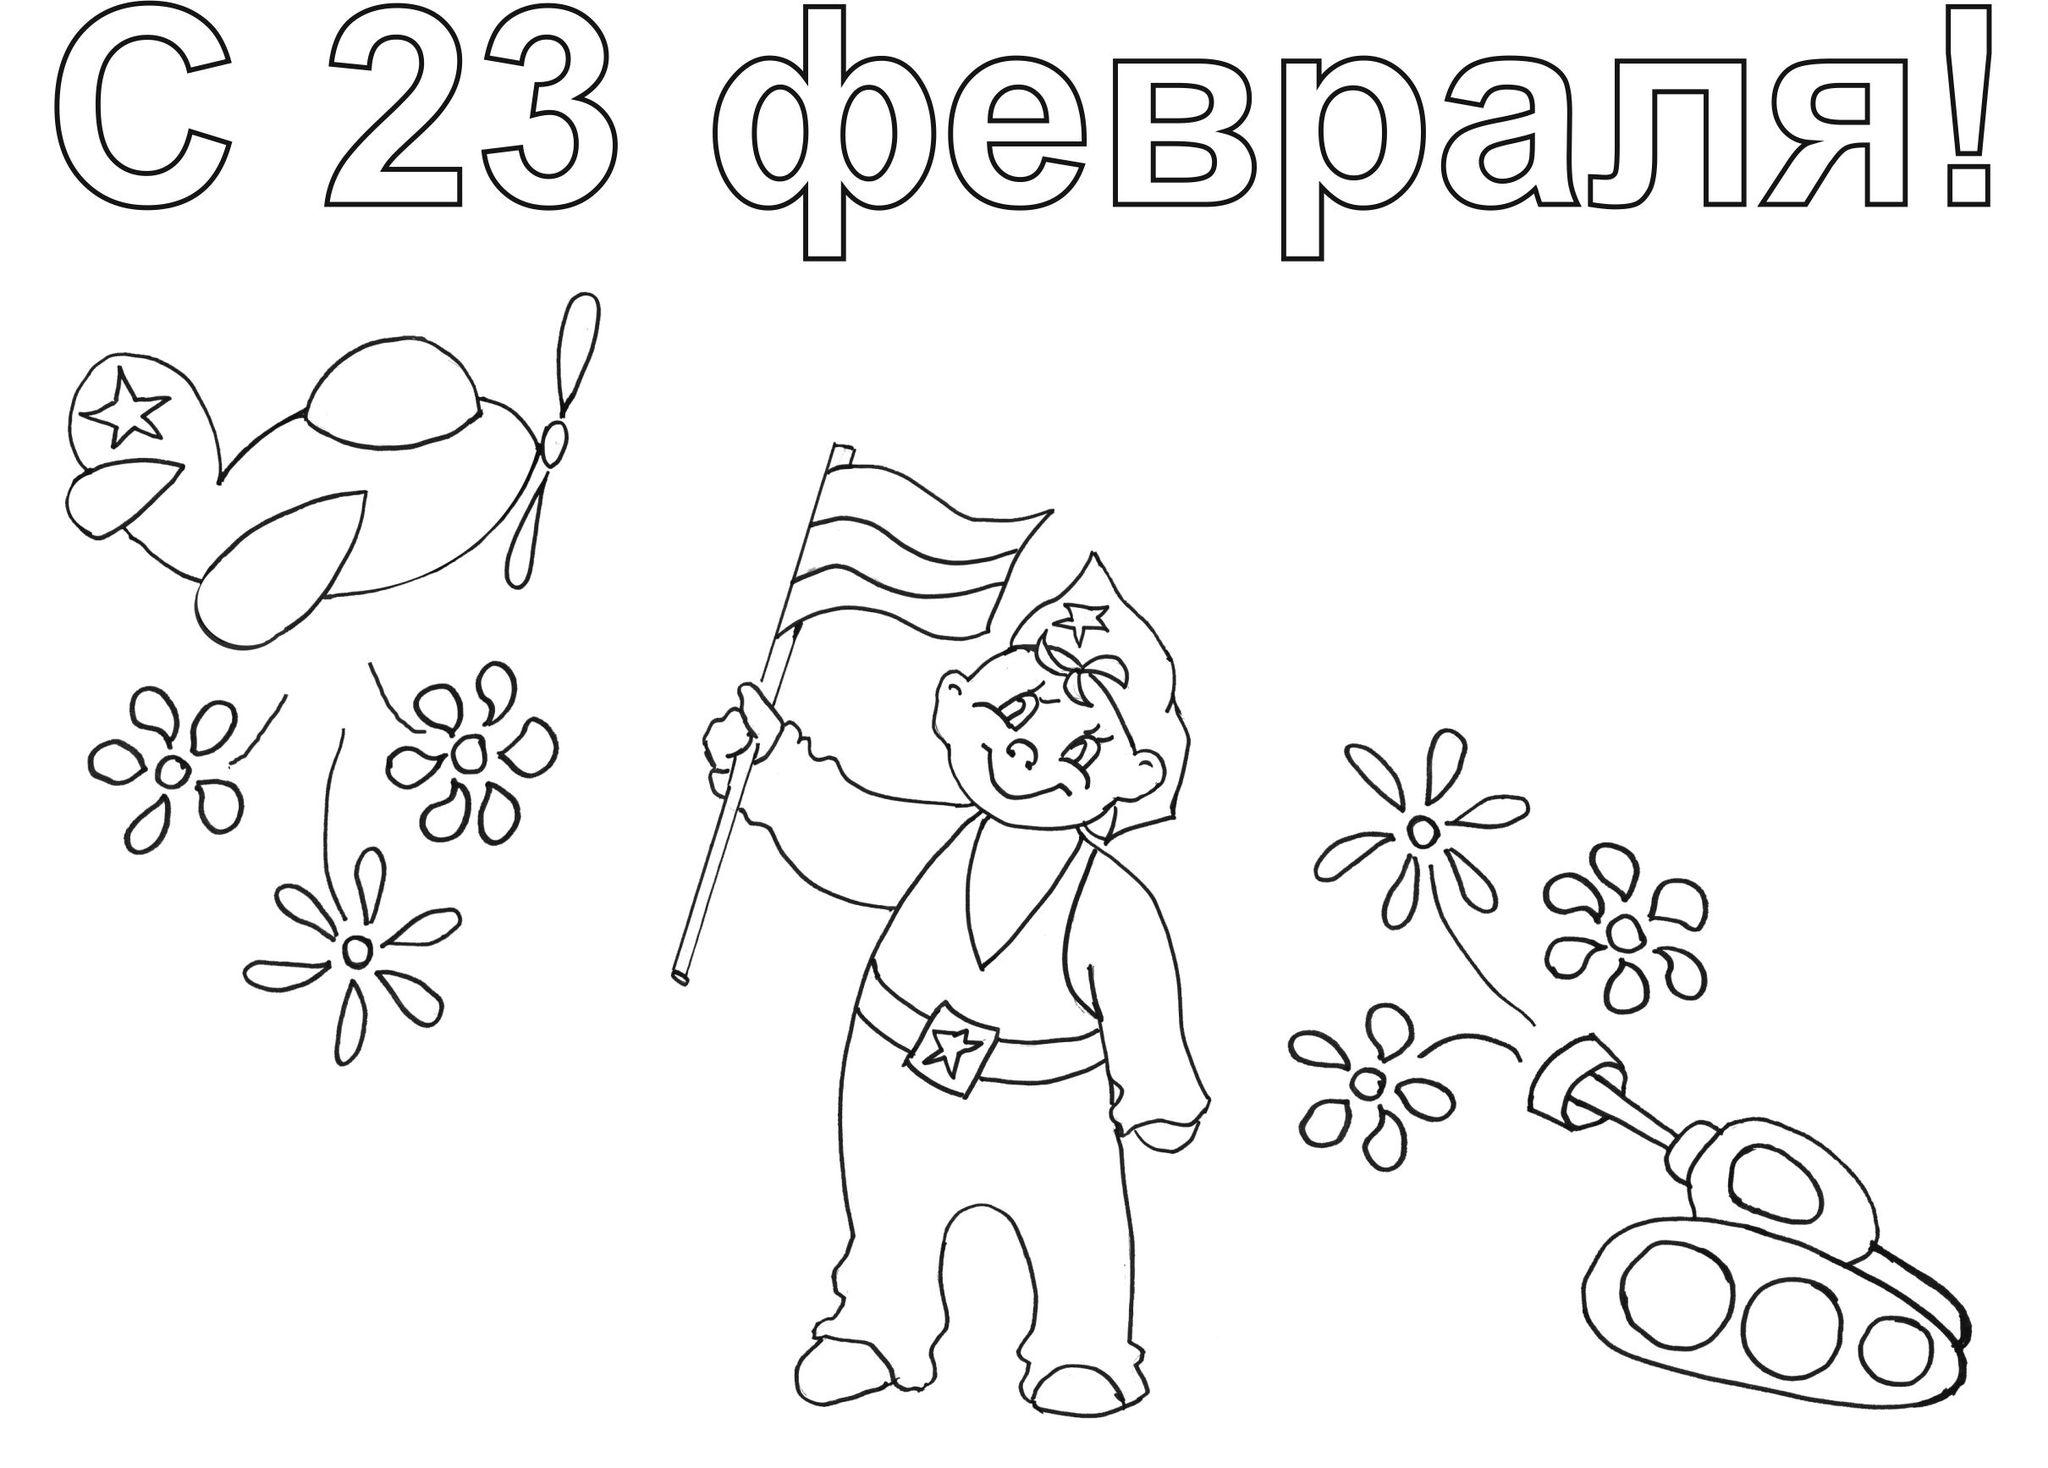 ❶Картинки на 23 февраля для срисовки|Поздравления мужчин с 23 февраля|Рисунки+детей.+Художник+Donald+Zolan | Рисунки | Pinterest | God, Lord and Christ||}